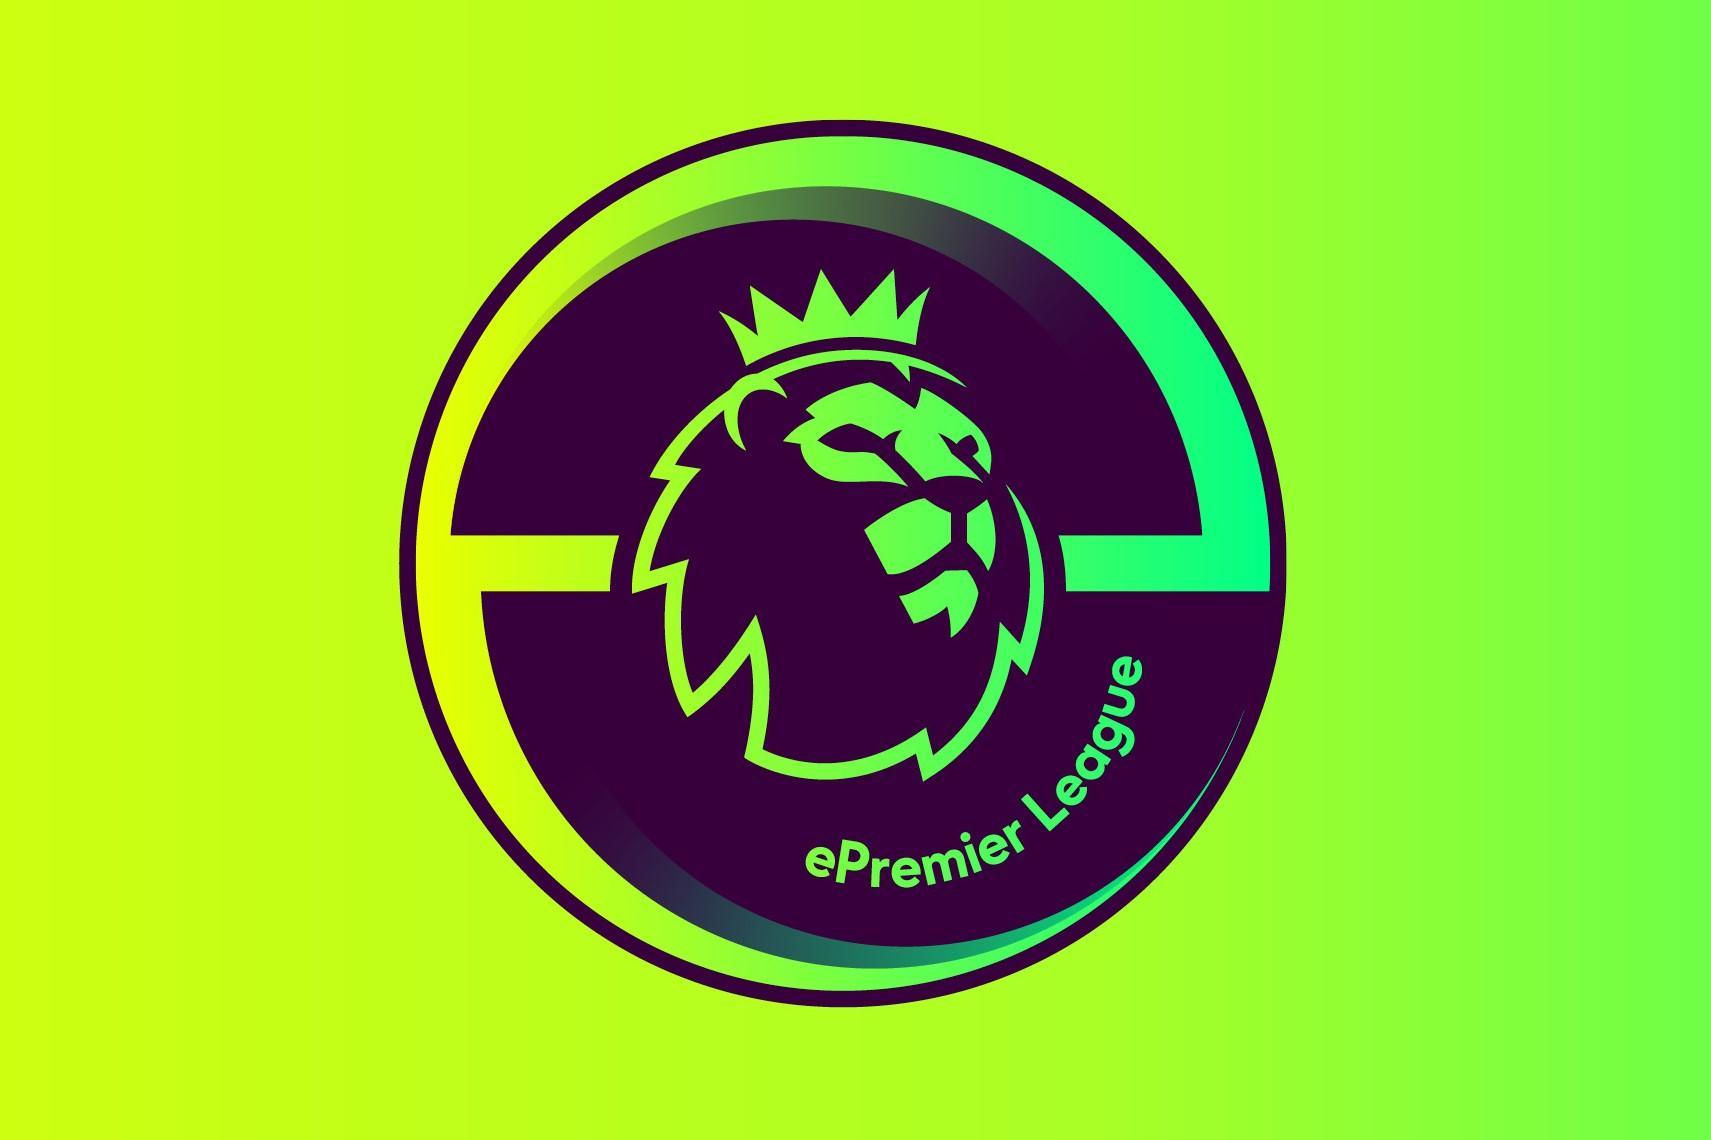 Premier League and EA launch 2018/19 ePremier League